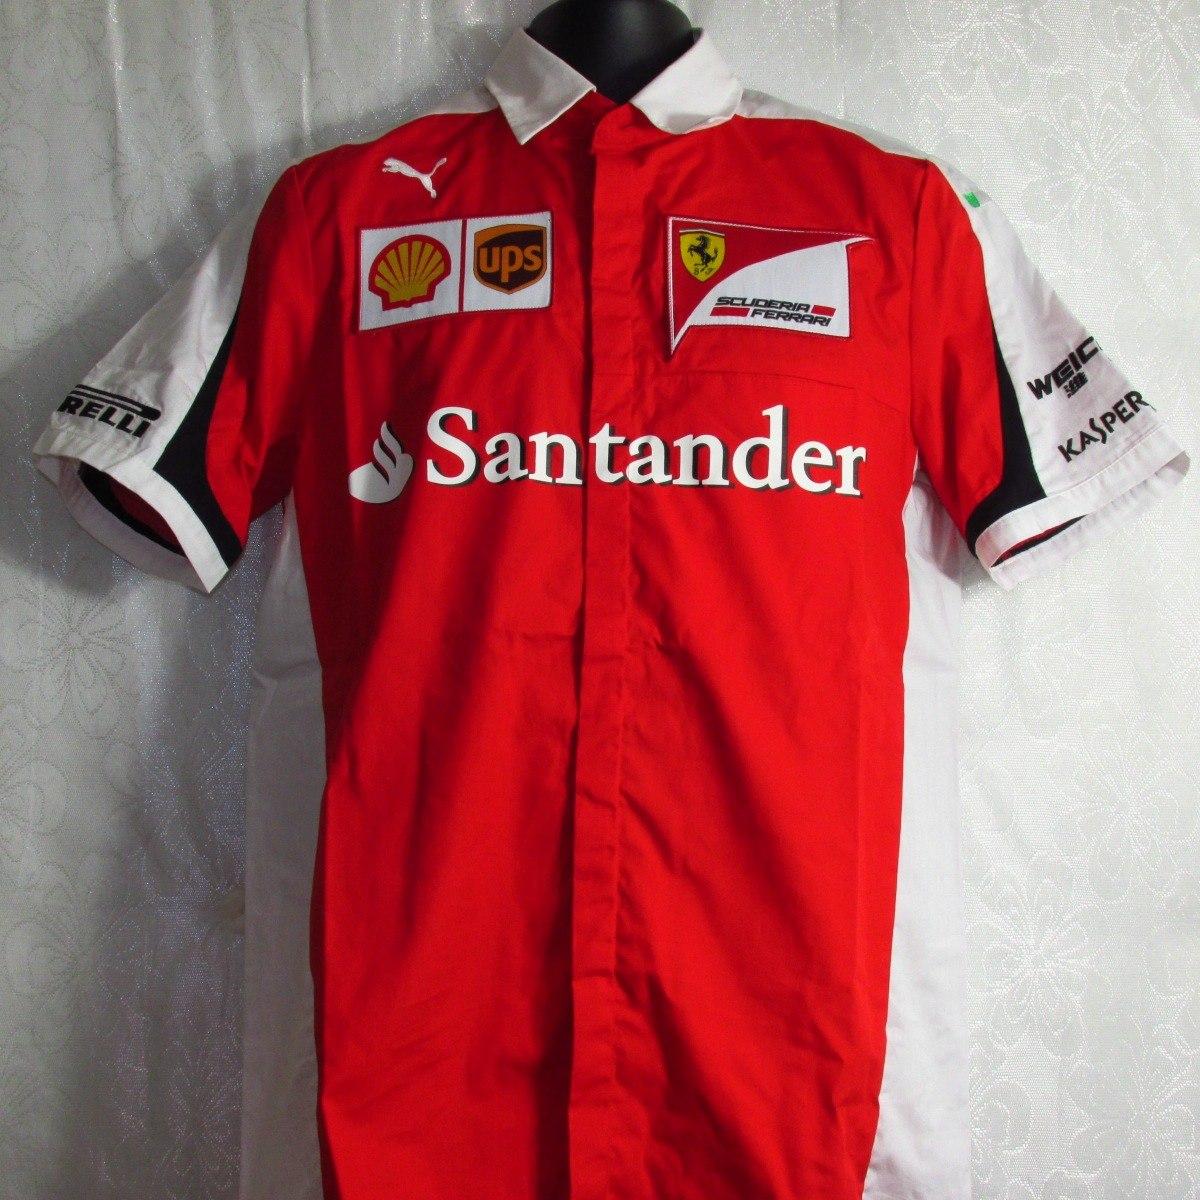 062bfb5932 Camisa + Boné Santander Puma Ferrari 100% Oficial - R$ 399,00 em ...